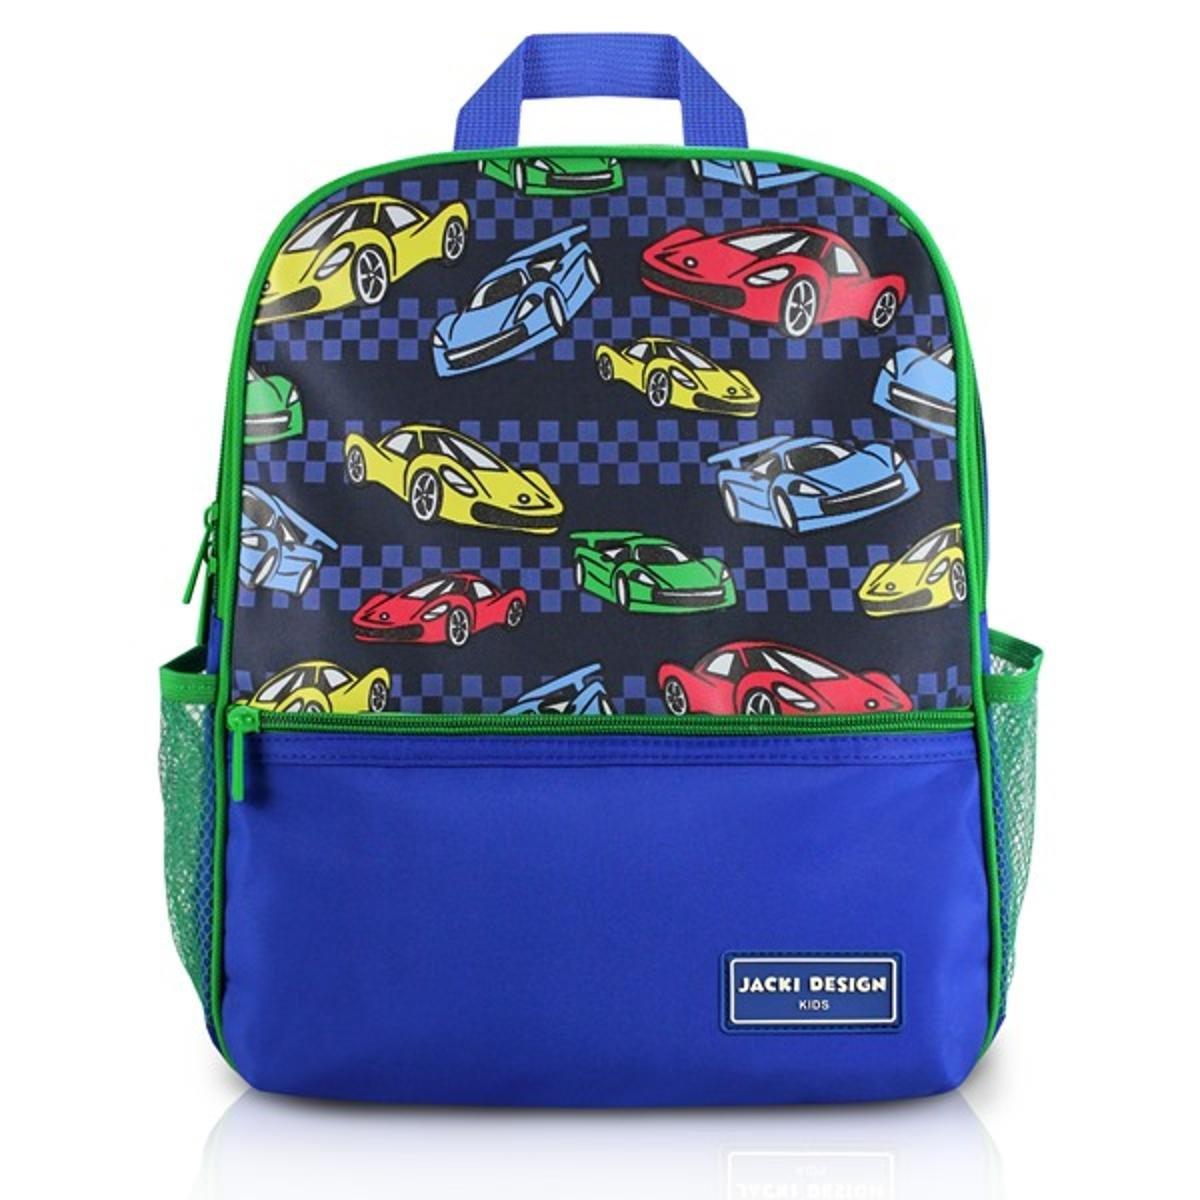 Mochila Infantil Escolar Jacki Design Carro Microfibra Masculino - Marinho  e Verde - Compre Agora  9e6ebe8fe1d